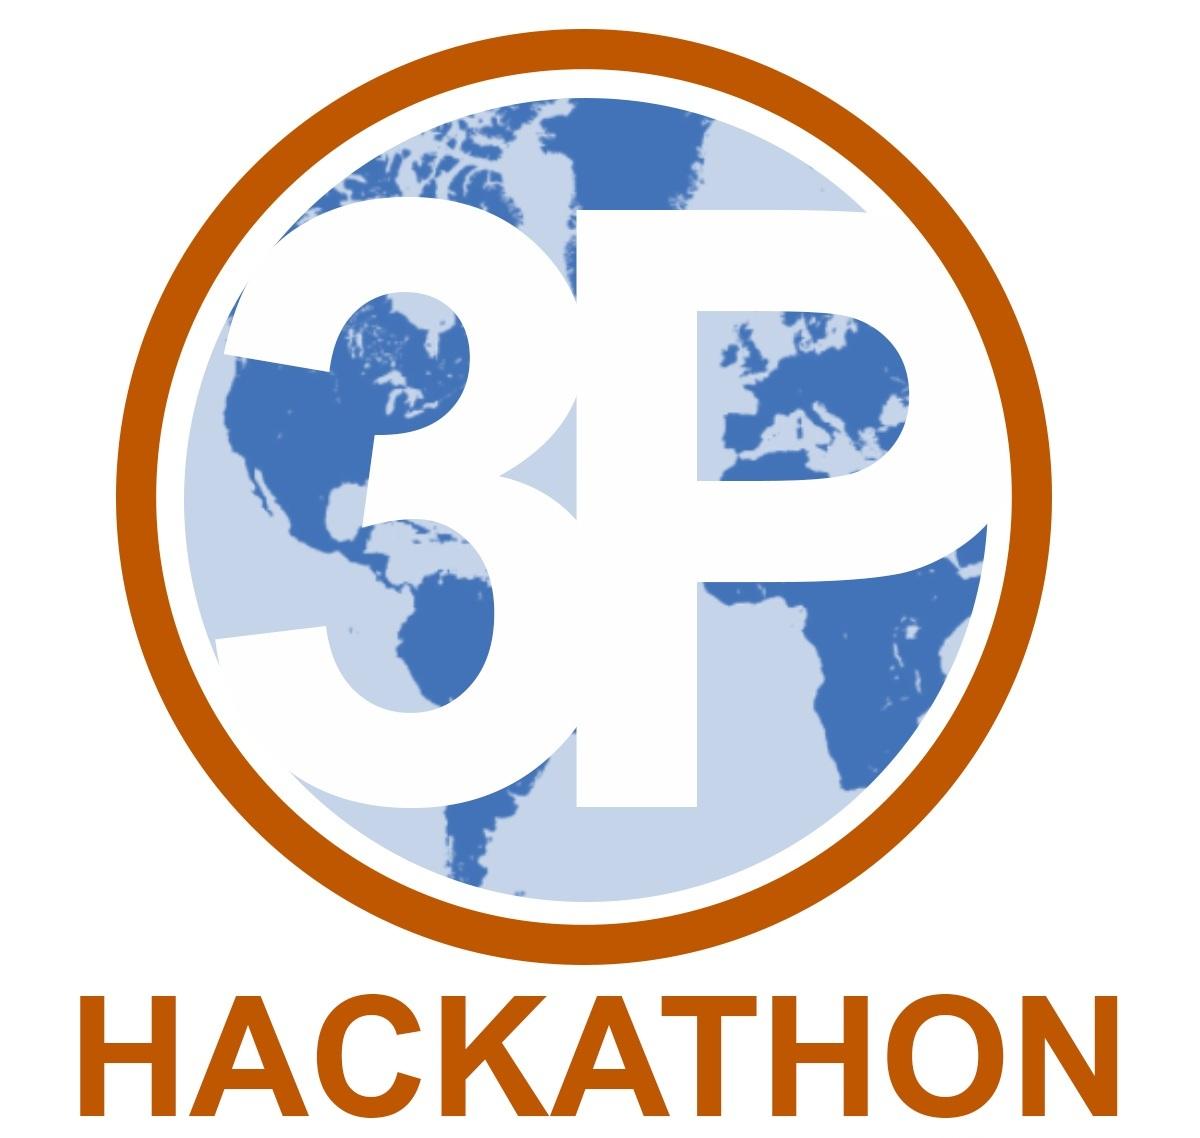 McCombs_3P_Hackathon.jpg